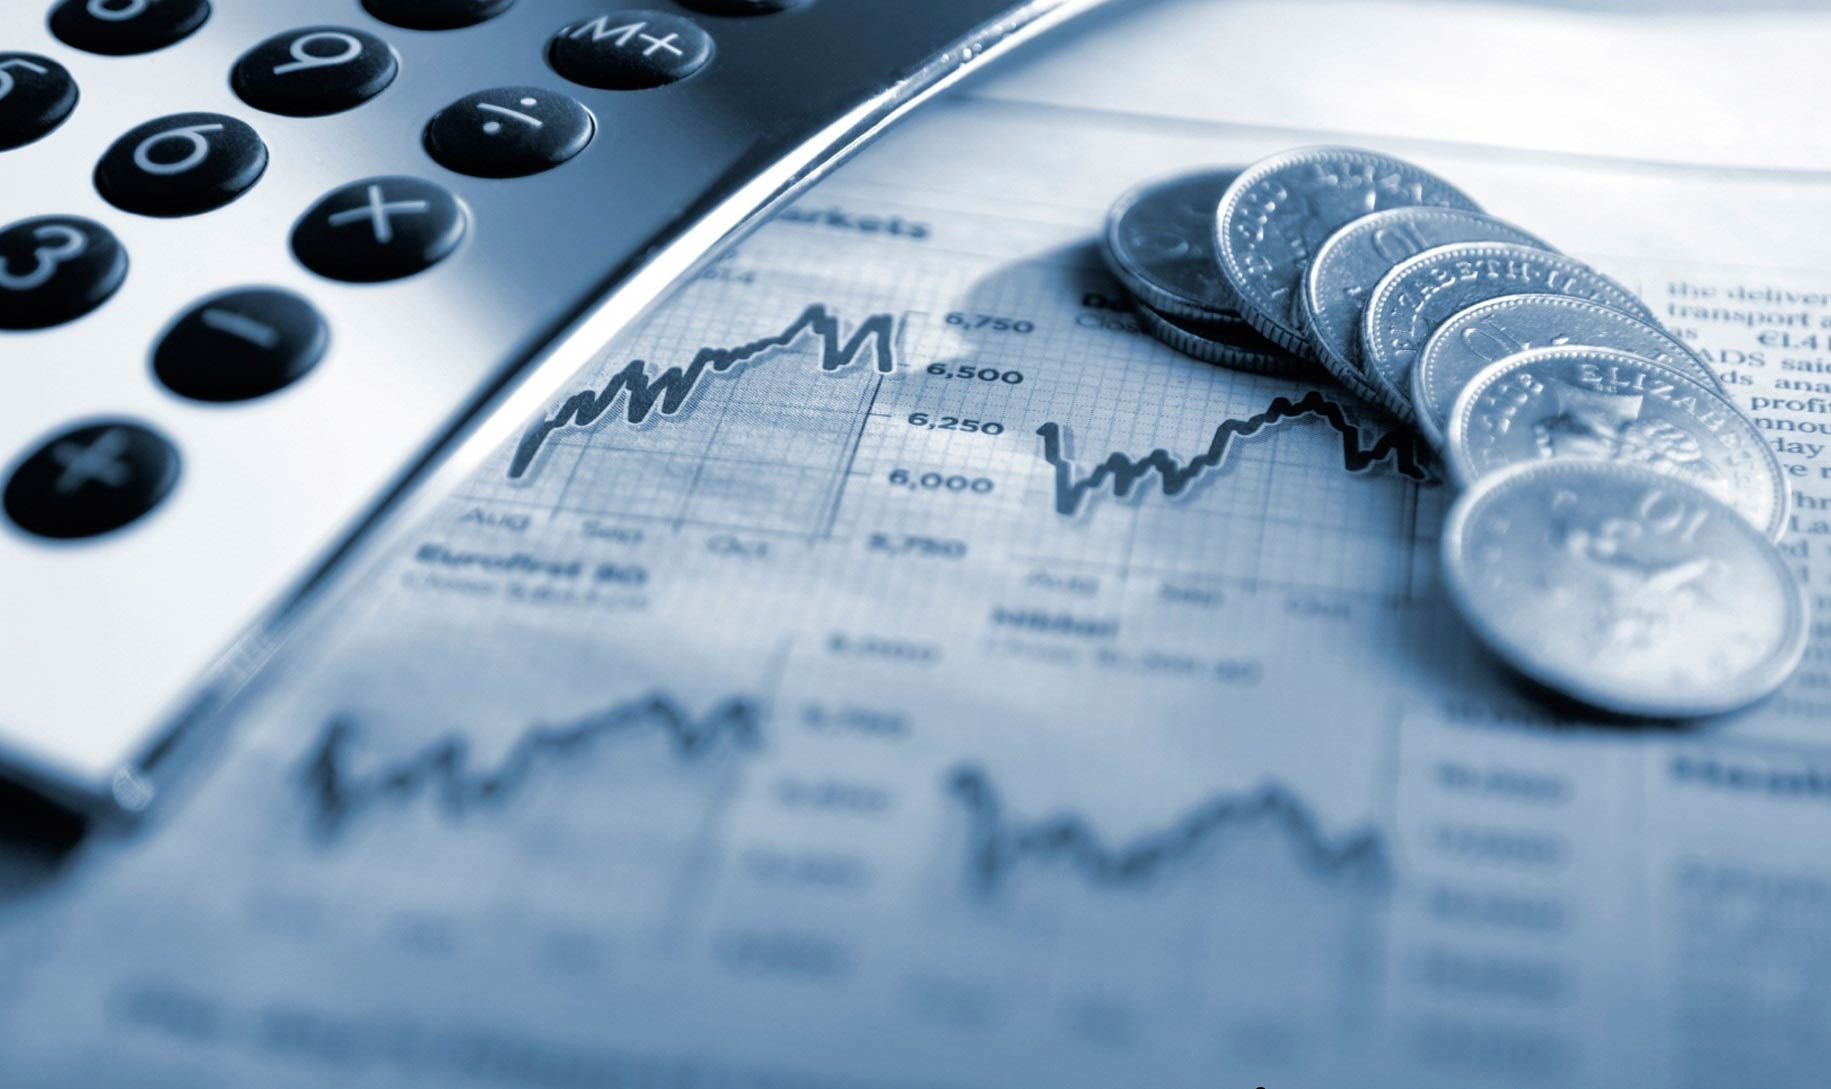 Стоимость бизнеса - удовлетворенность клиентов